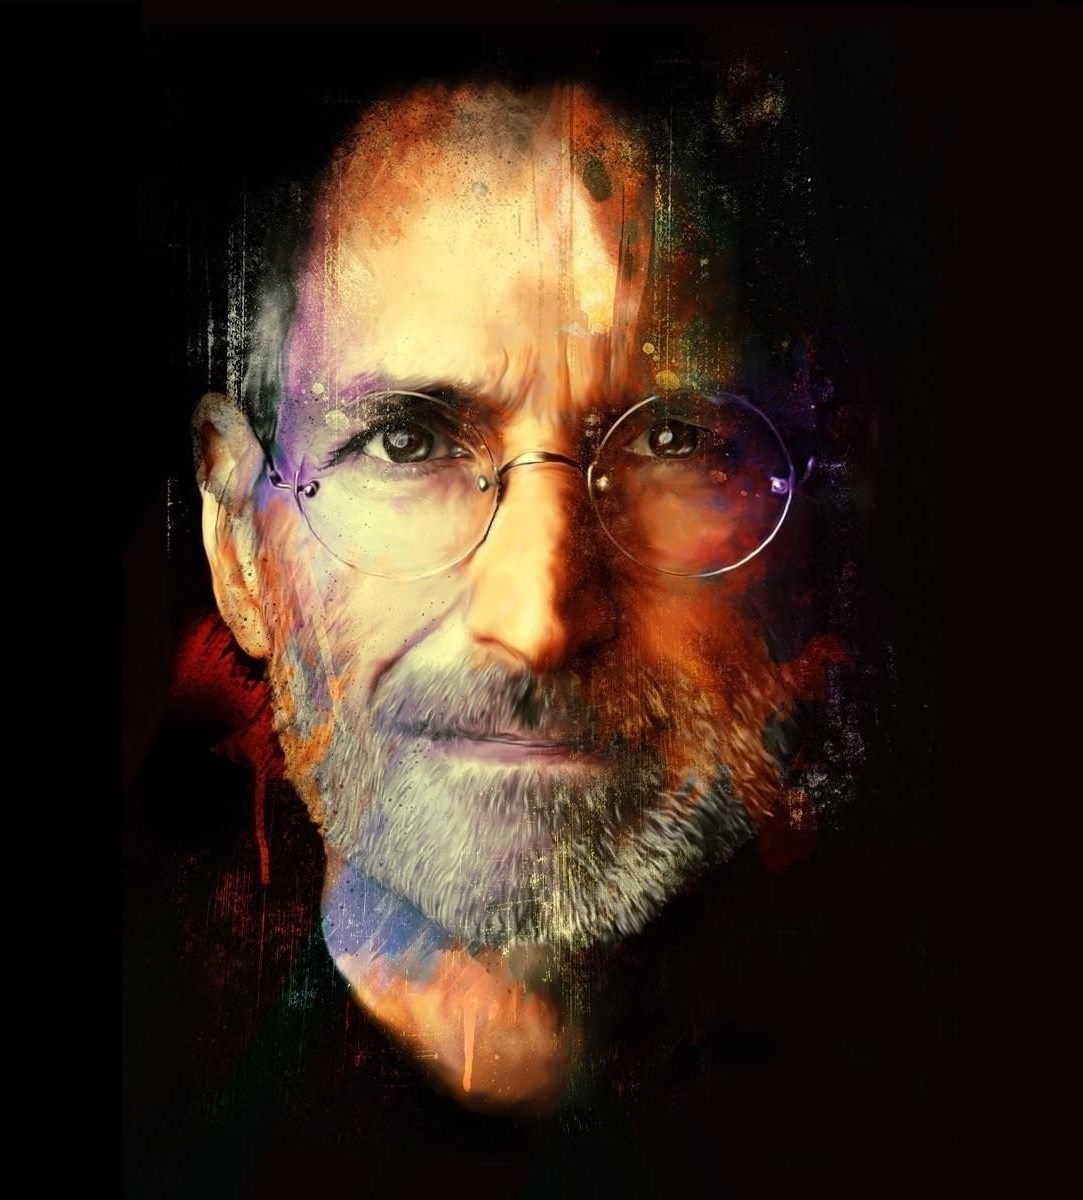 Бизнес-идеи Стива Джобса, правила успеха, Стив Джобс, Apple